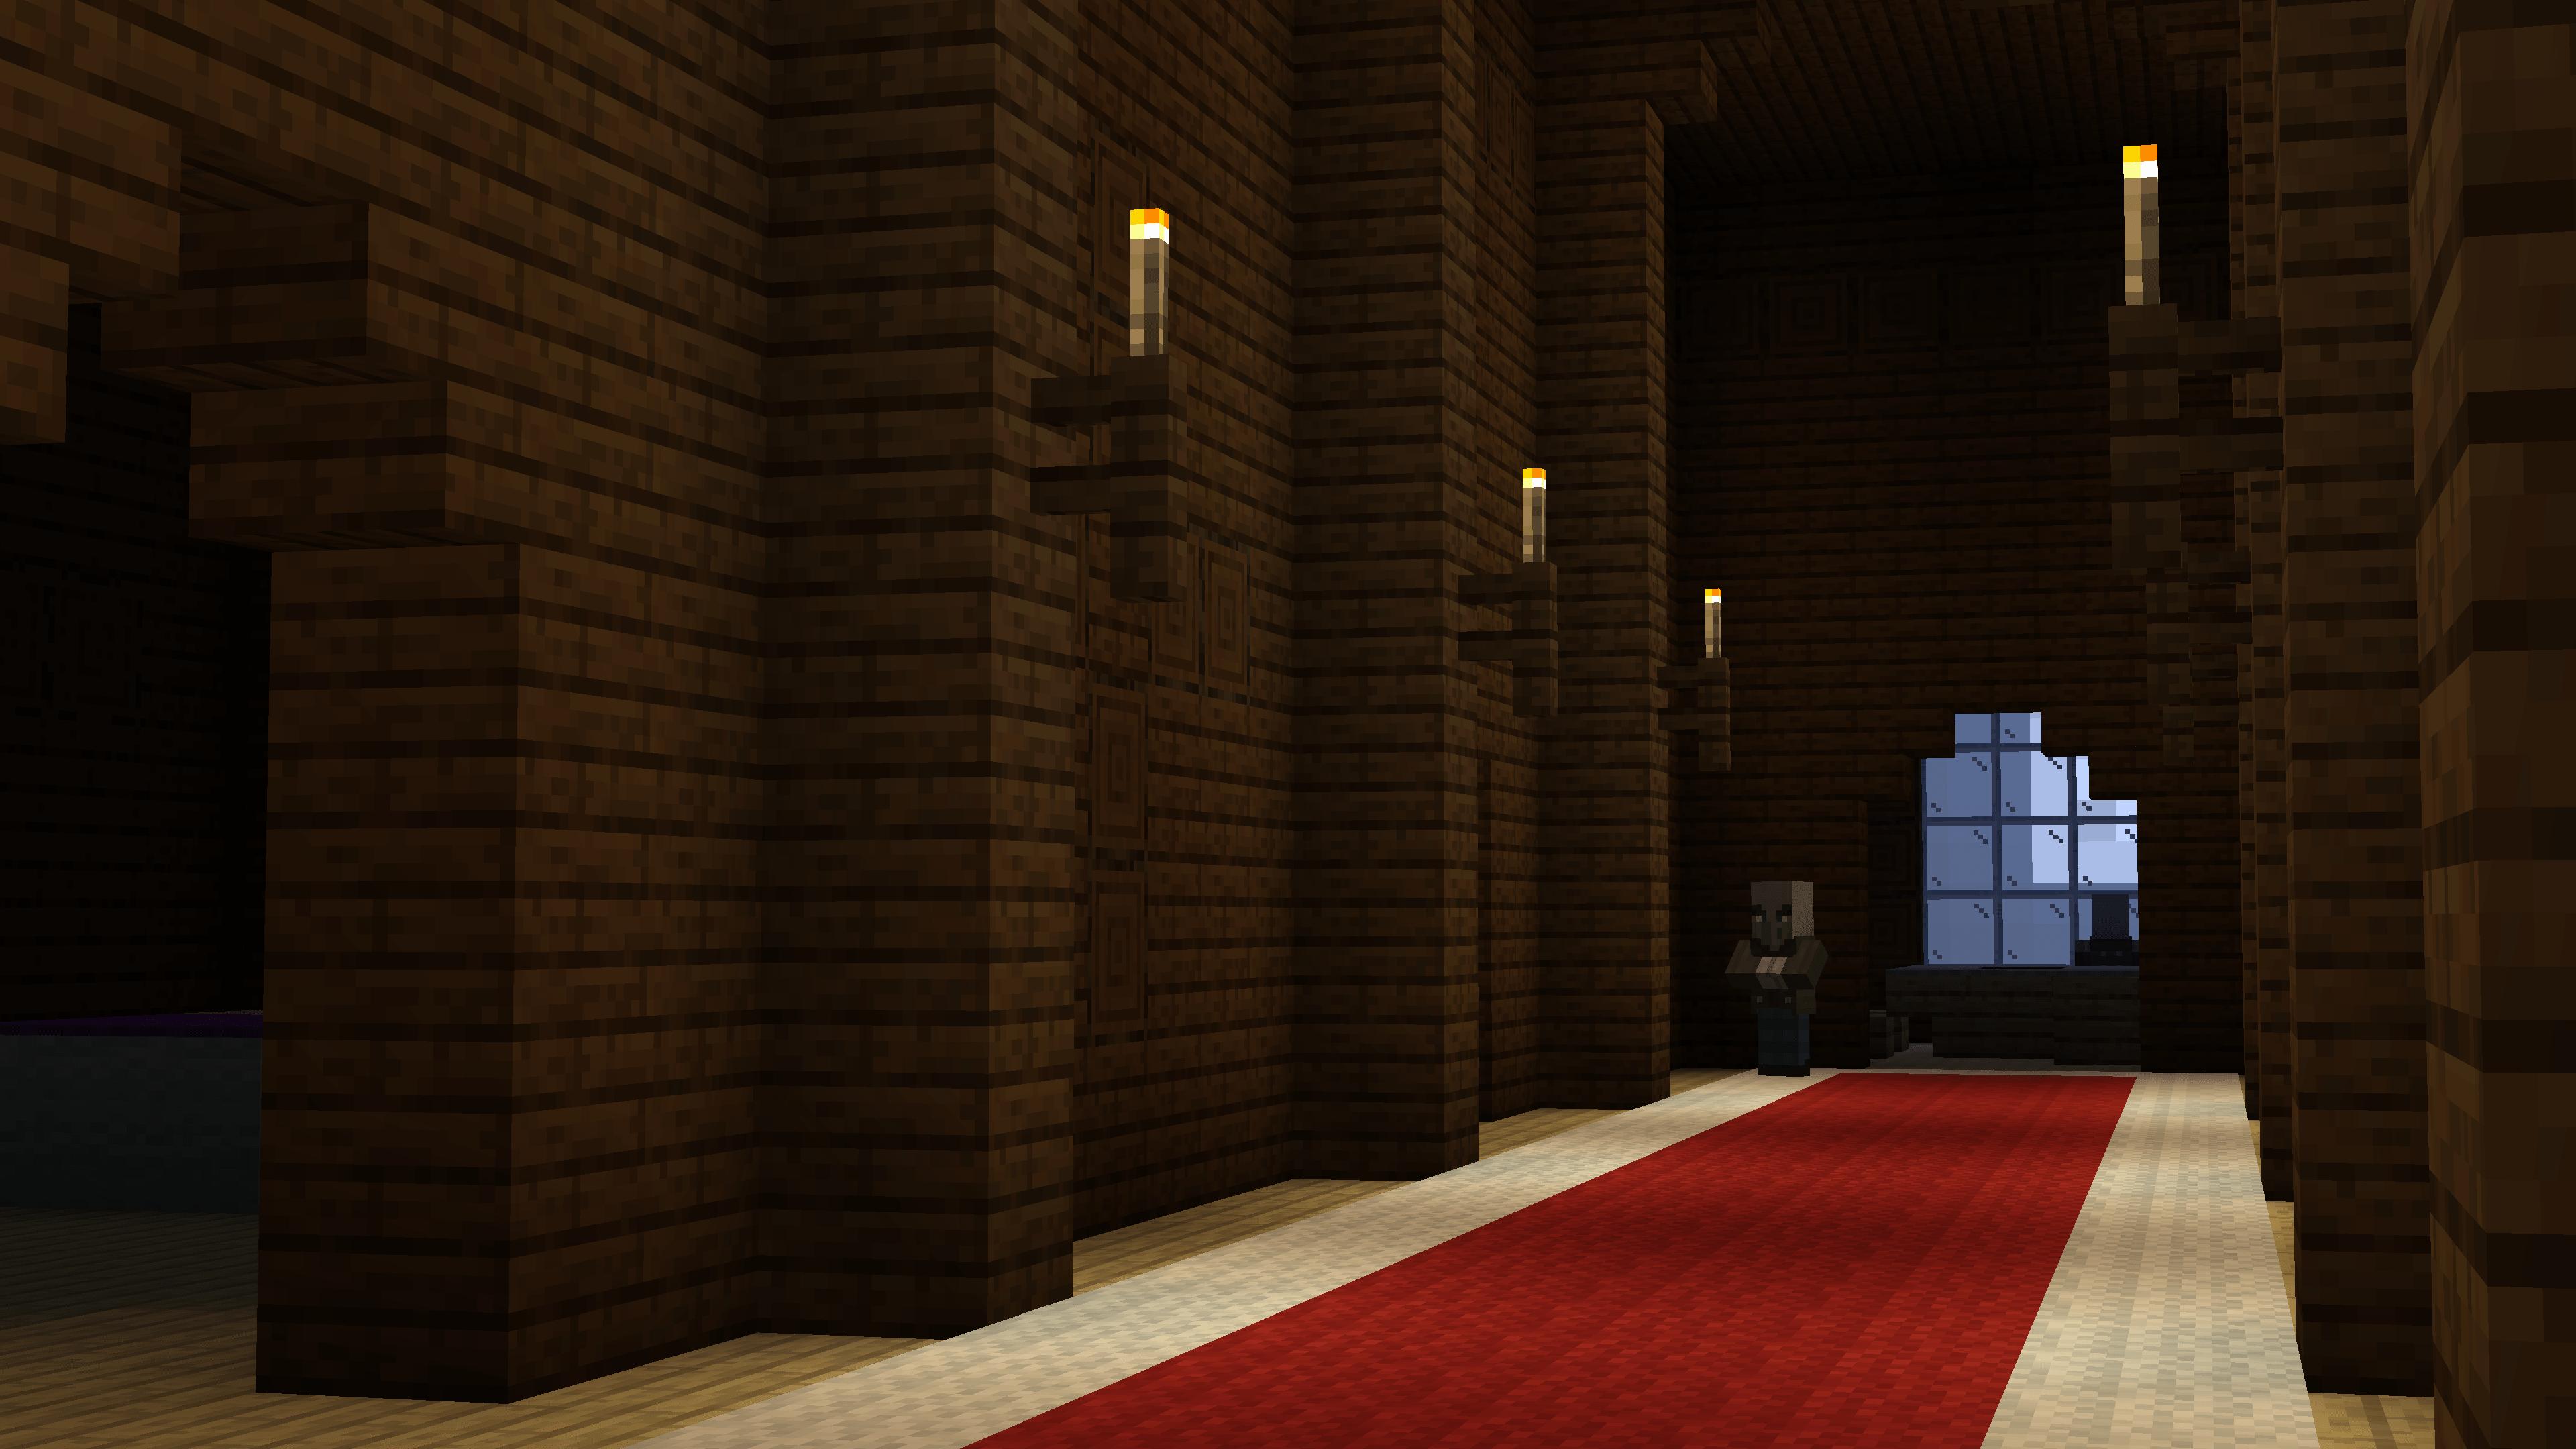 La magione di Minecraft è una struttura difficilissima da trovare. In questo tutorial vedremo i migliori modi per trovarla nel tuo mondo di gioco!